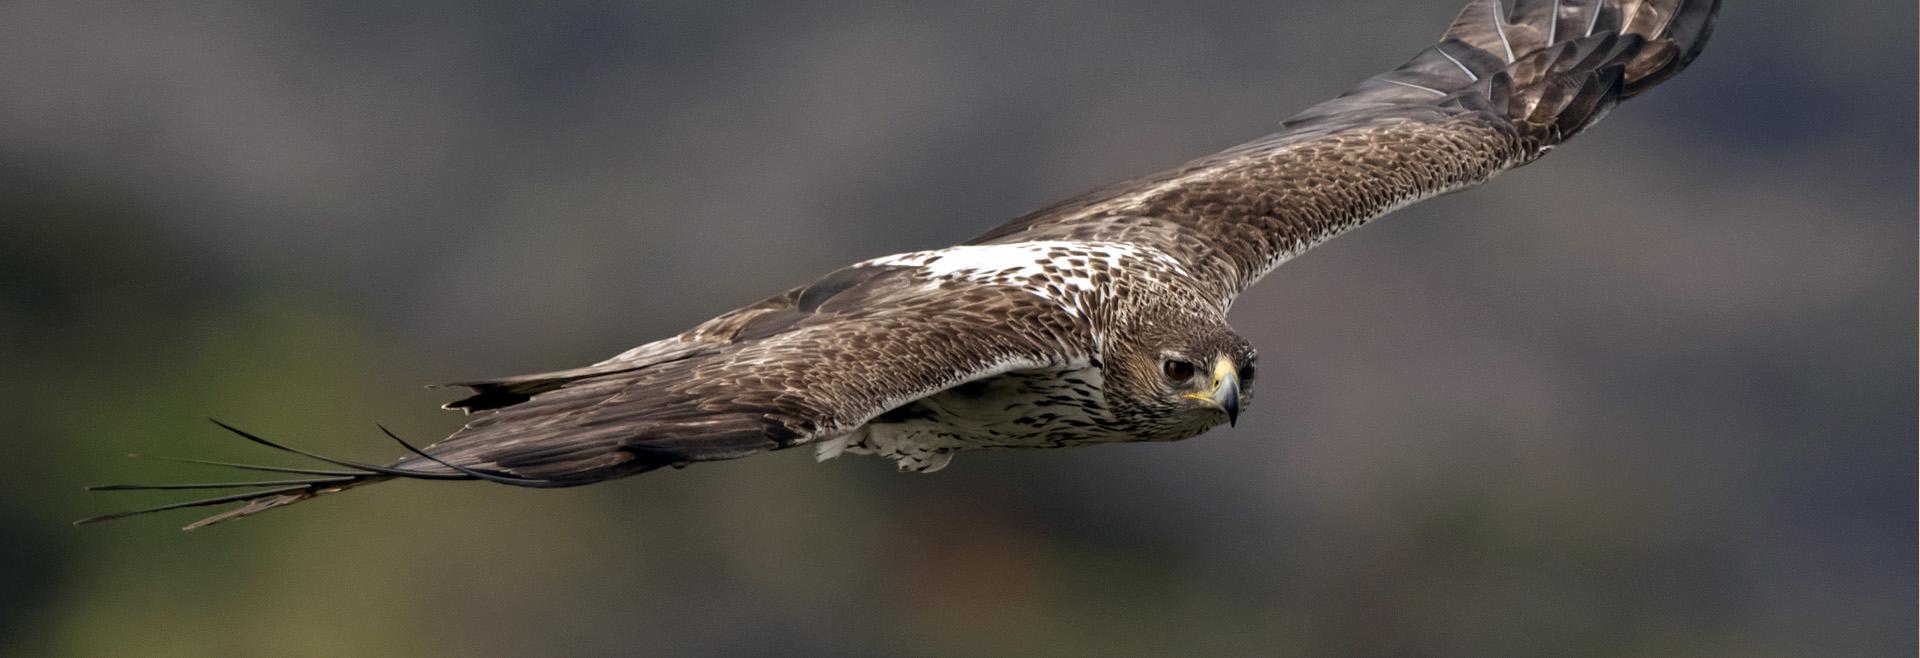 Descubra a importância da caça na gestão dos ecossistemas e na proteção da biodiversidade